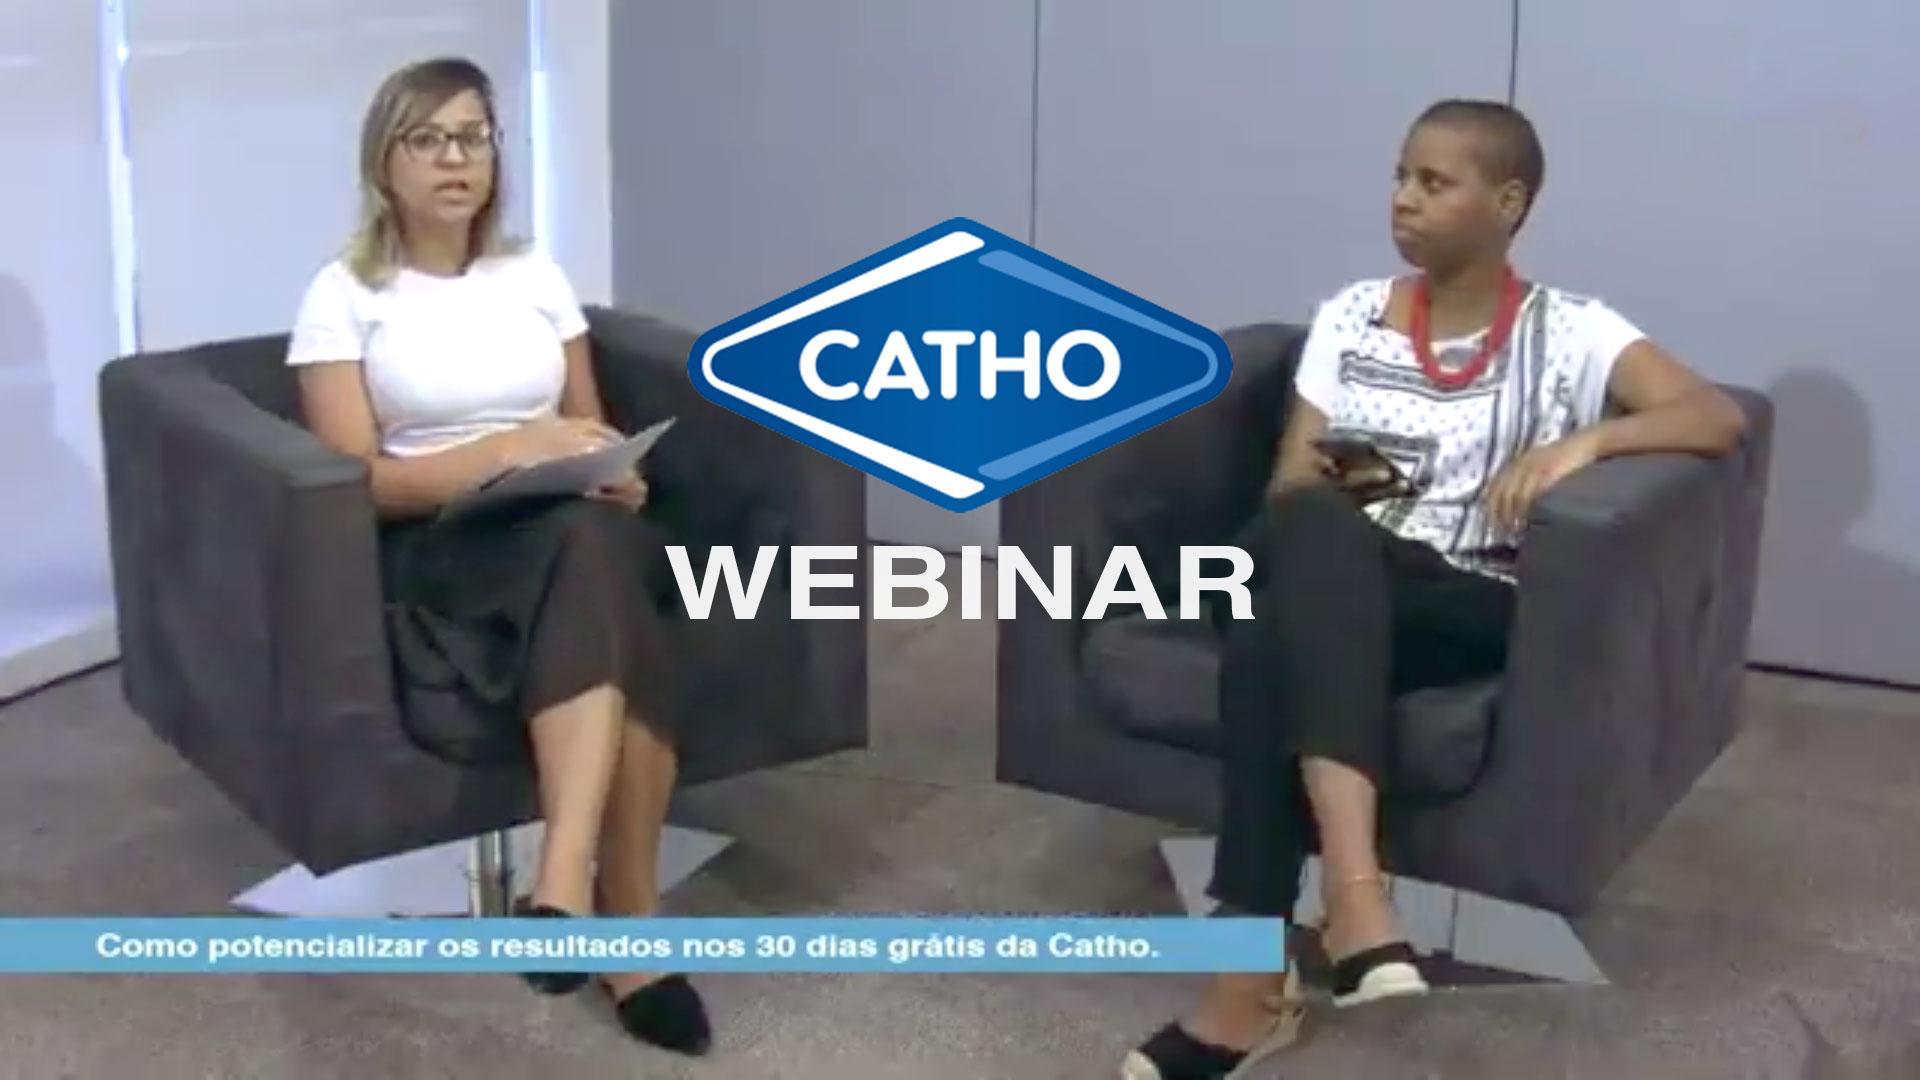 WEBINAR CATHO - COMUNICAÇÃO corporativa, tv corporativa